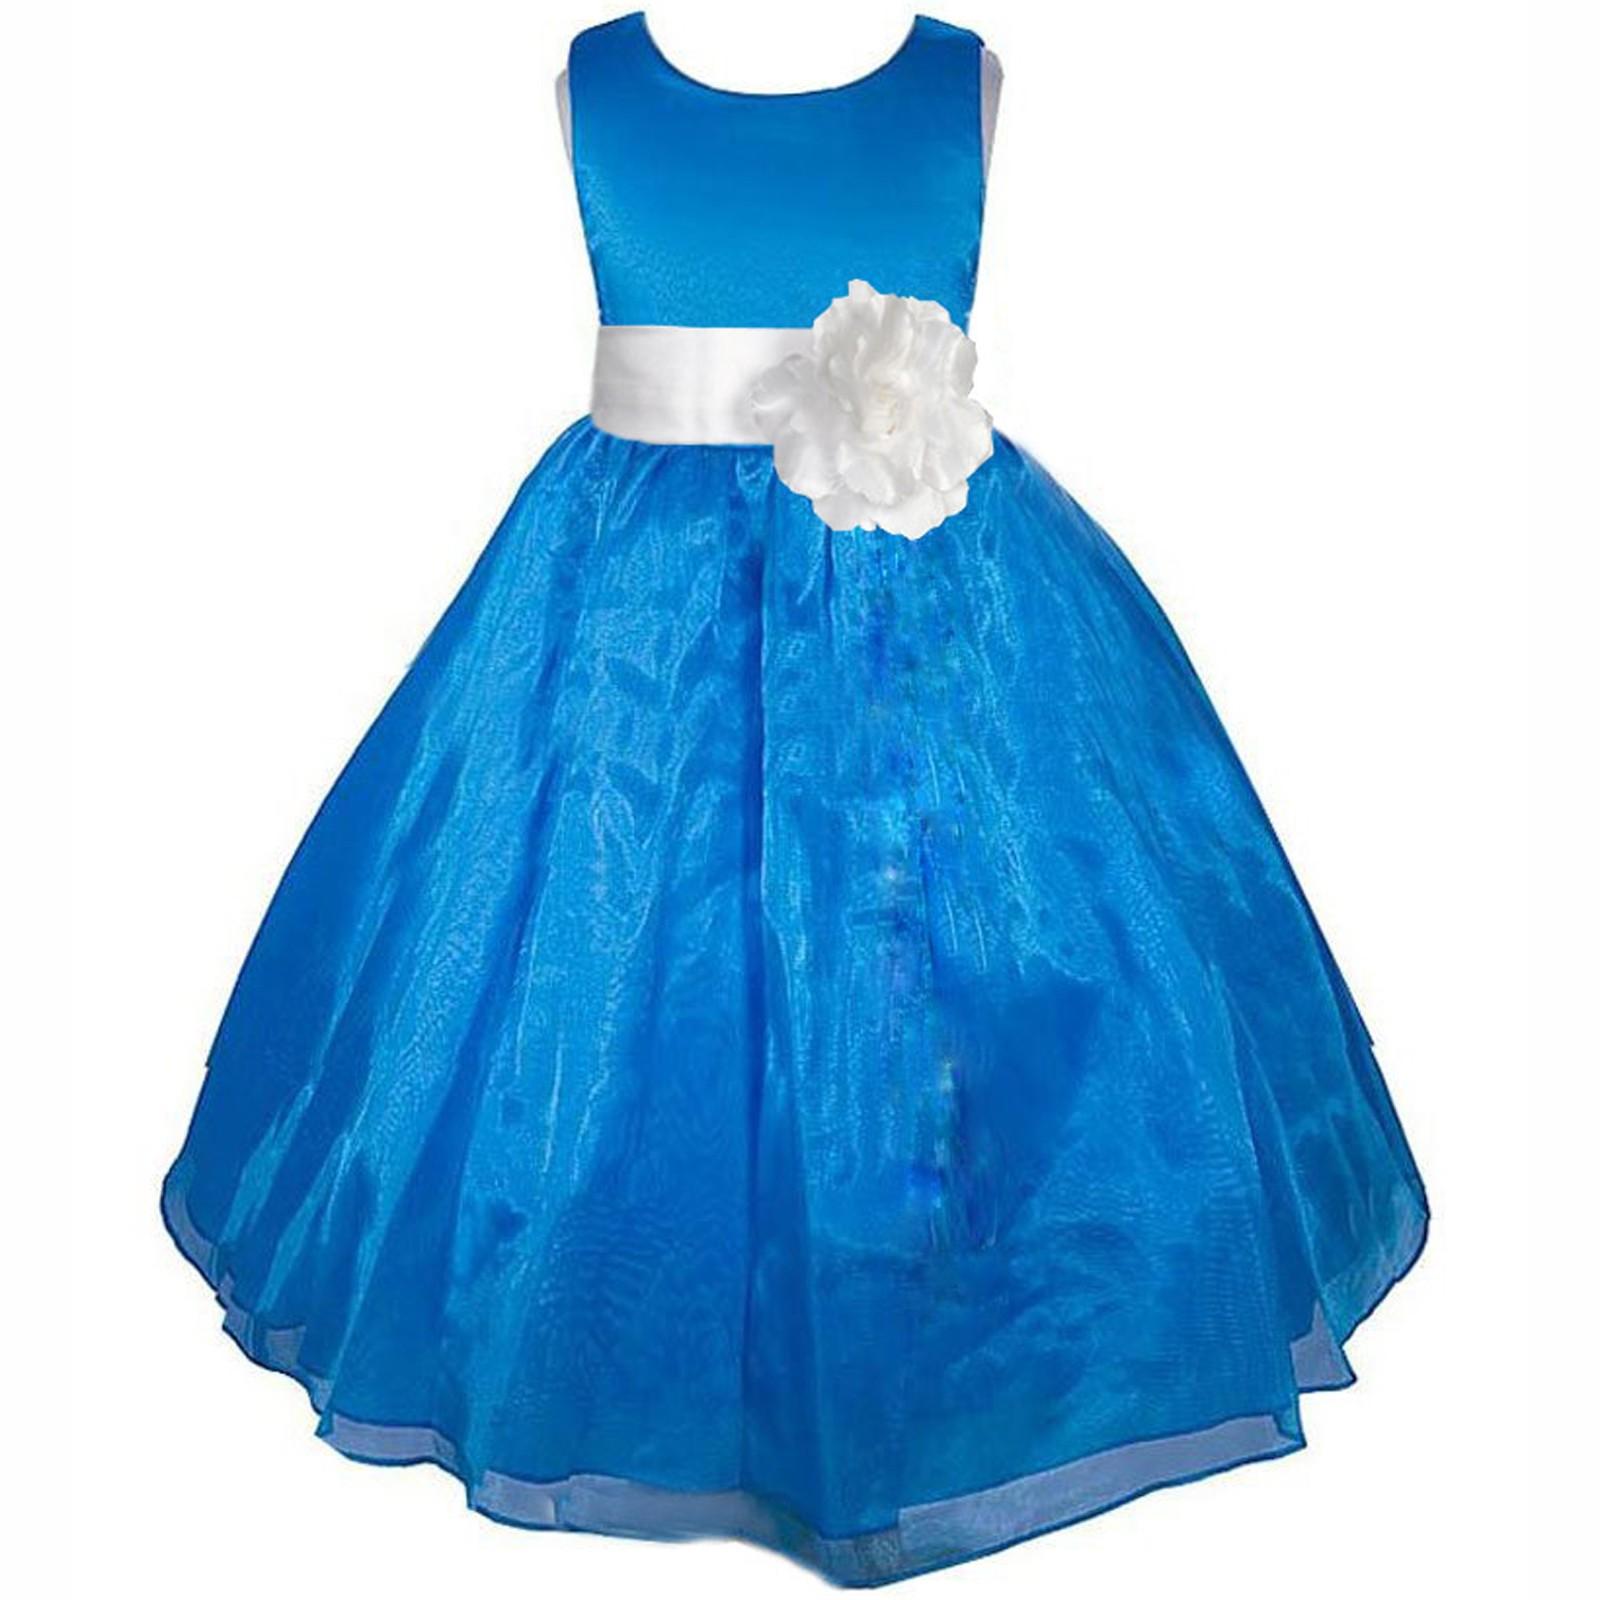 Royal Blue/White Satin Bodice Organza Skirt Flower Girl Dress 841T ...